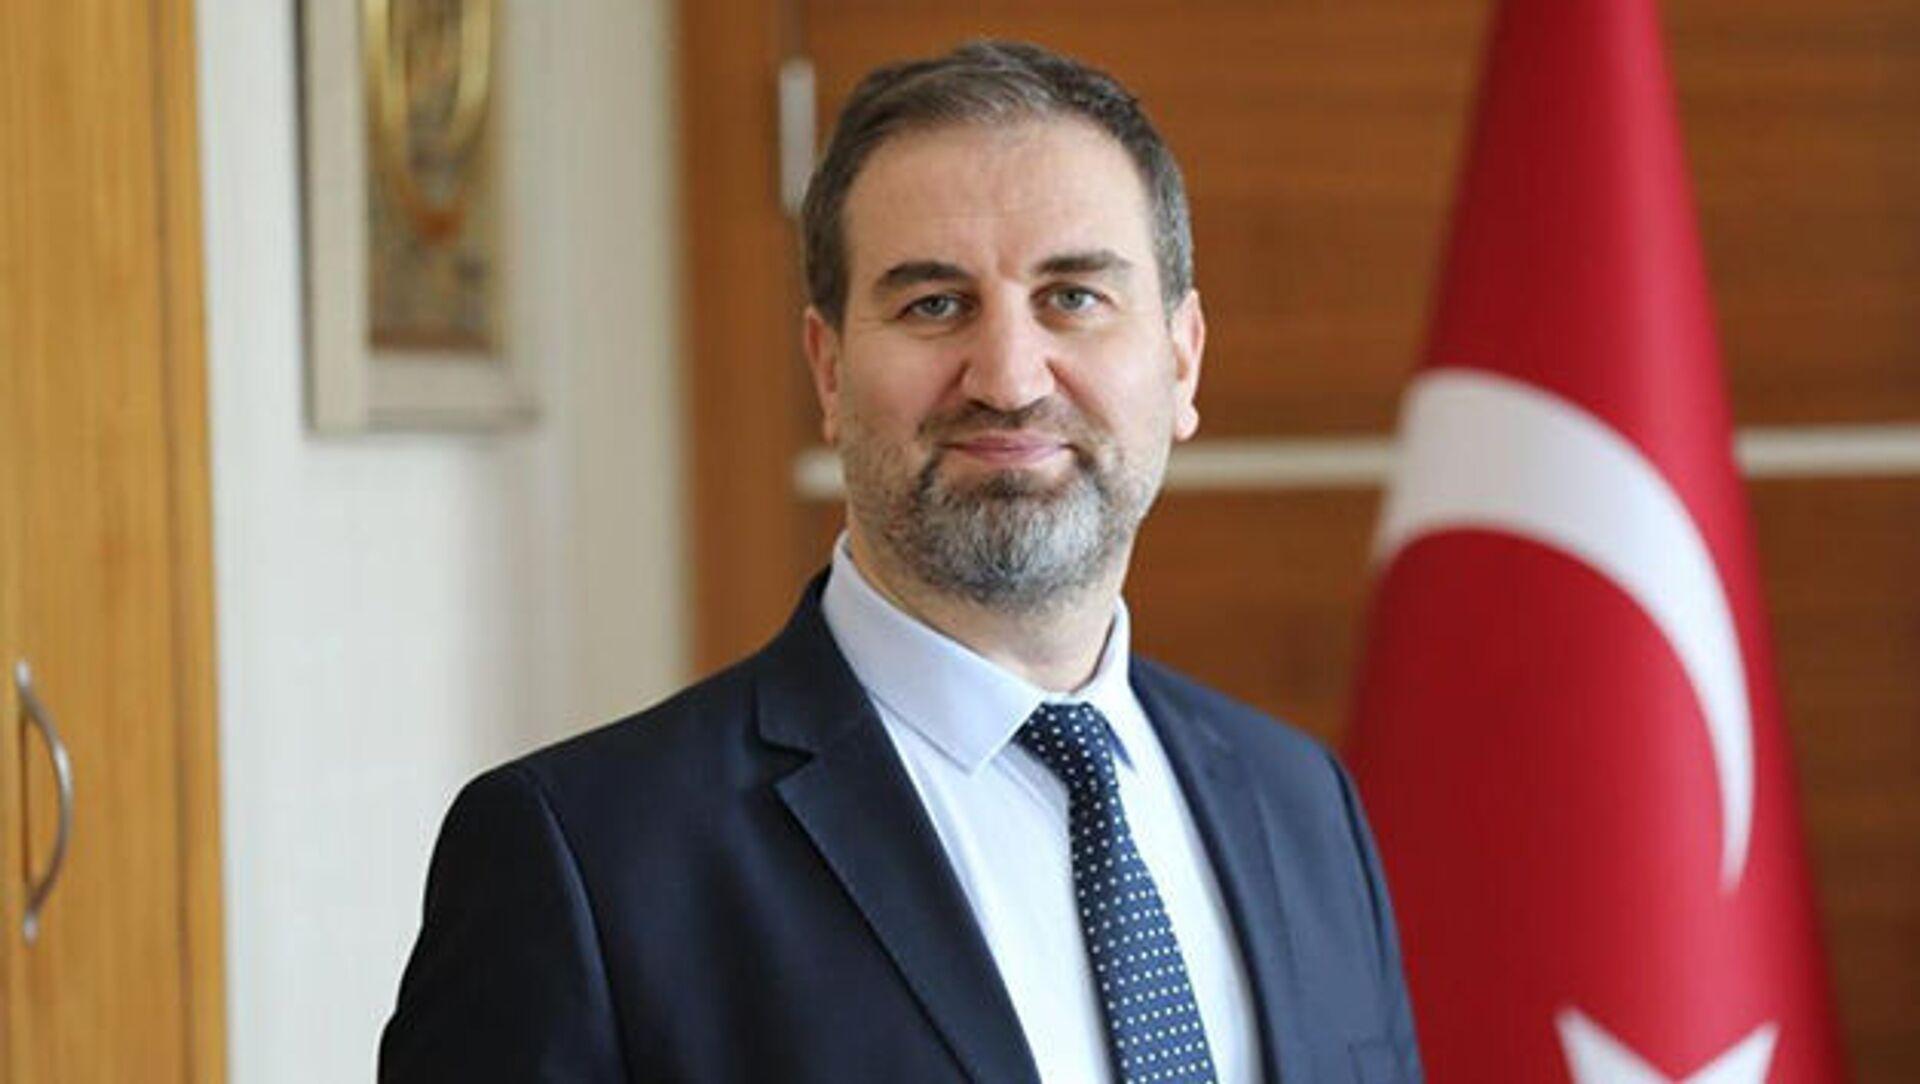 AK Parti Genel Başkan Yardımcısı Mustafa Şen - Sputnik Türkiye, 1920, 27.07.2021